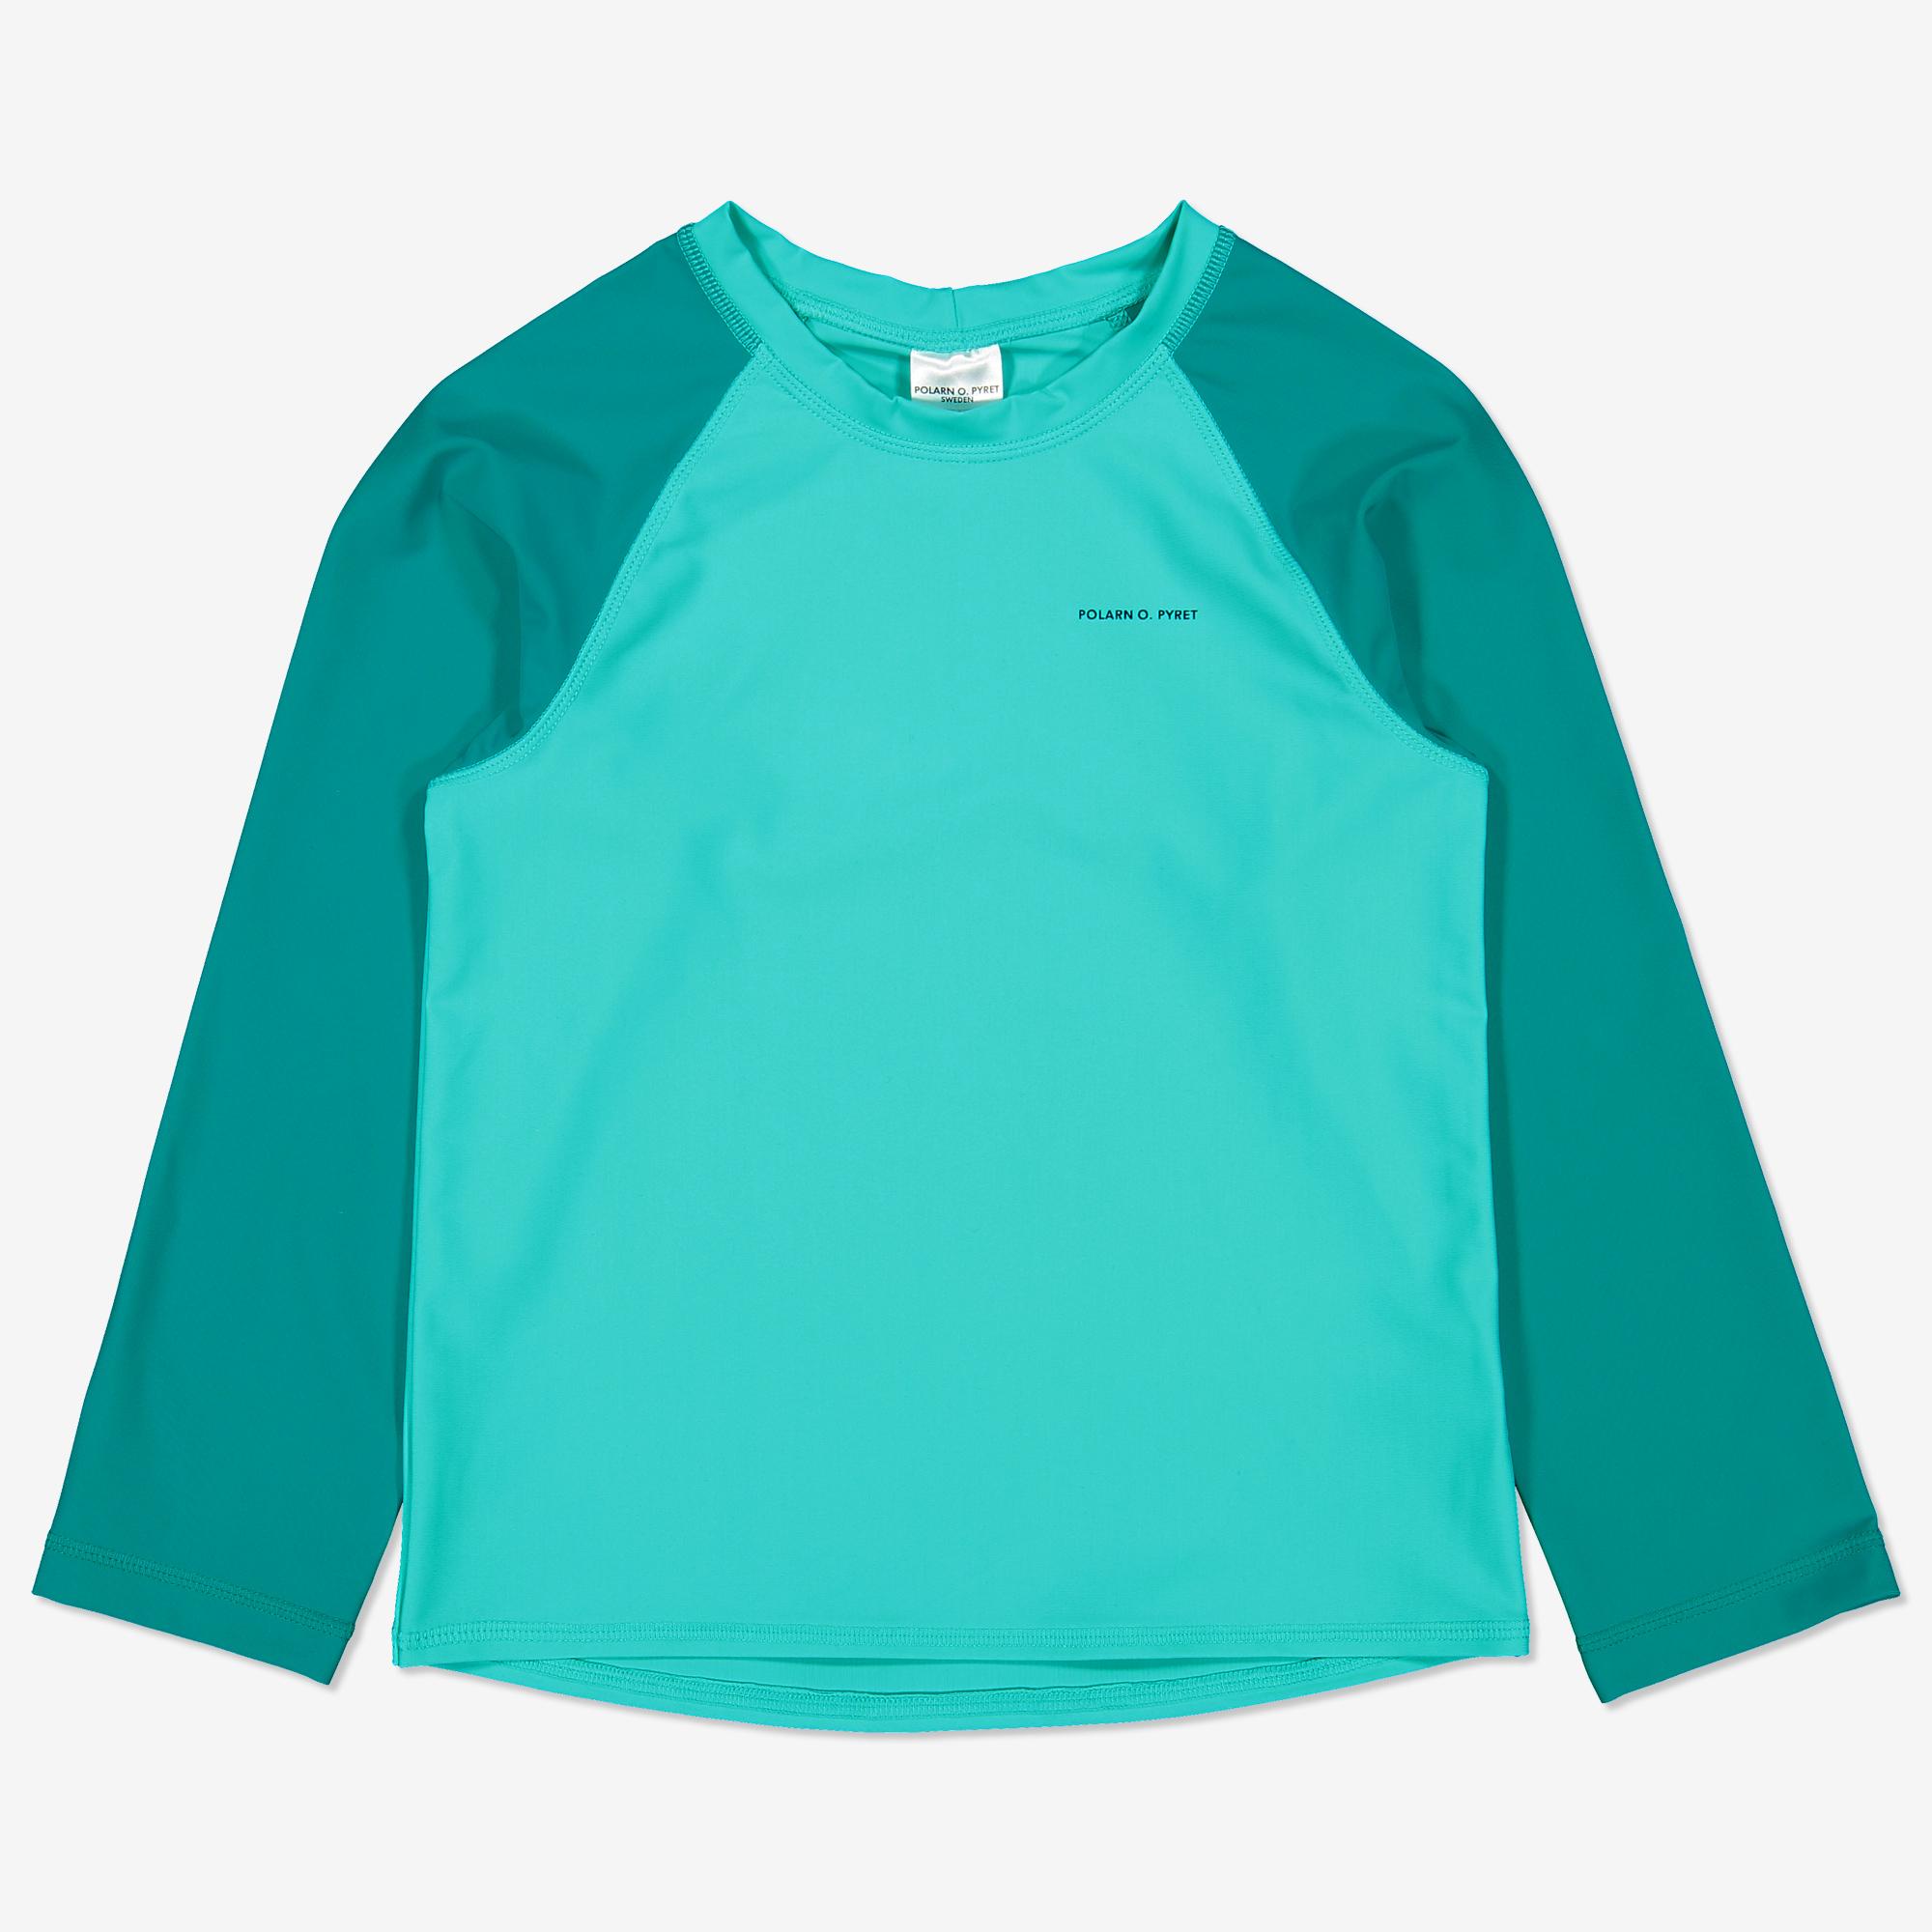 d31c7a418c3e UV-kläder till barn | Slitarkt skydd mot solens strålar ...